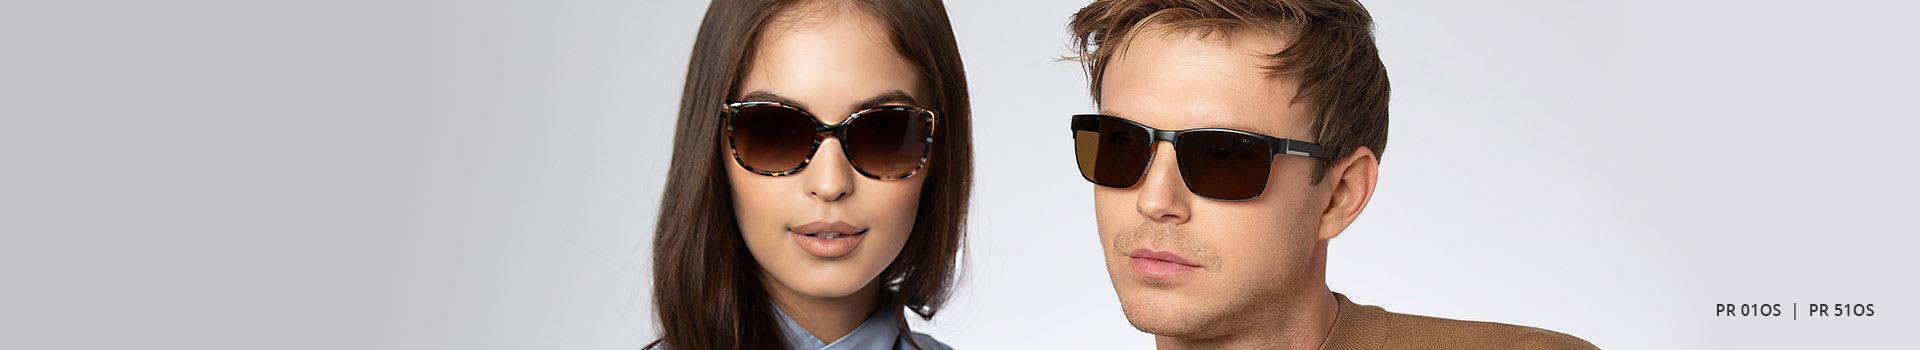 Shop Prescription Sunglasses - featuring Versace VE2199